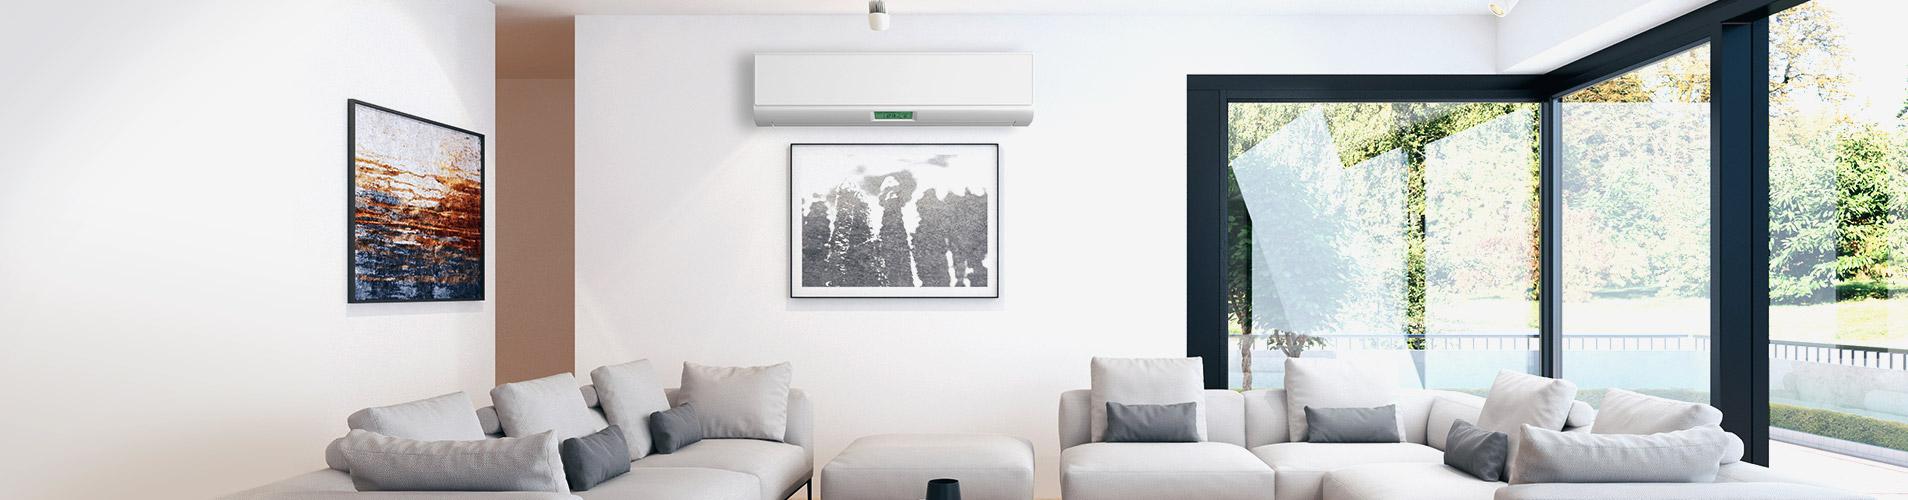 La climatisation est un équipement de confort idéal dans le salon